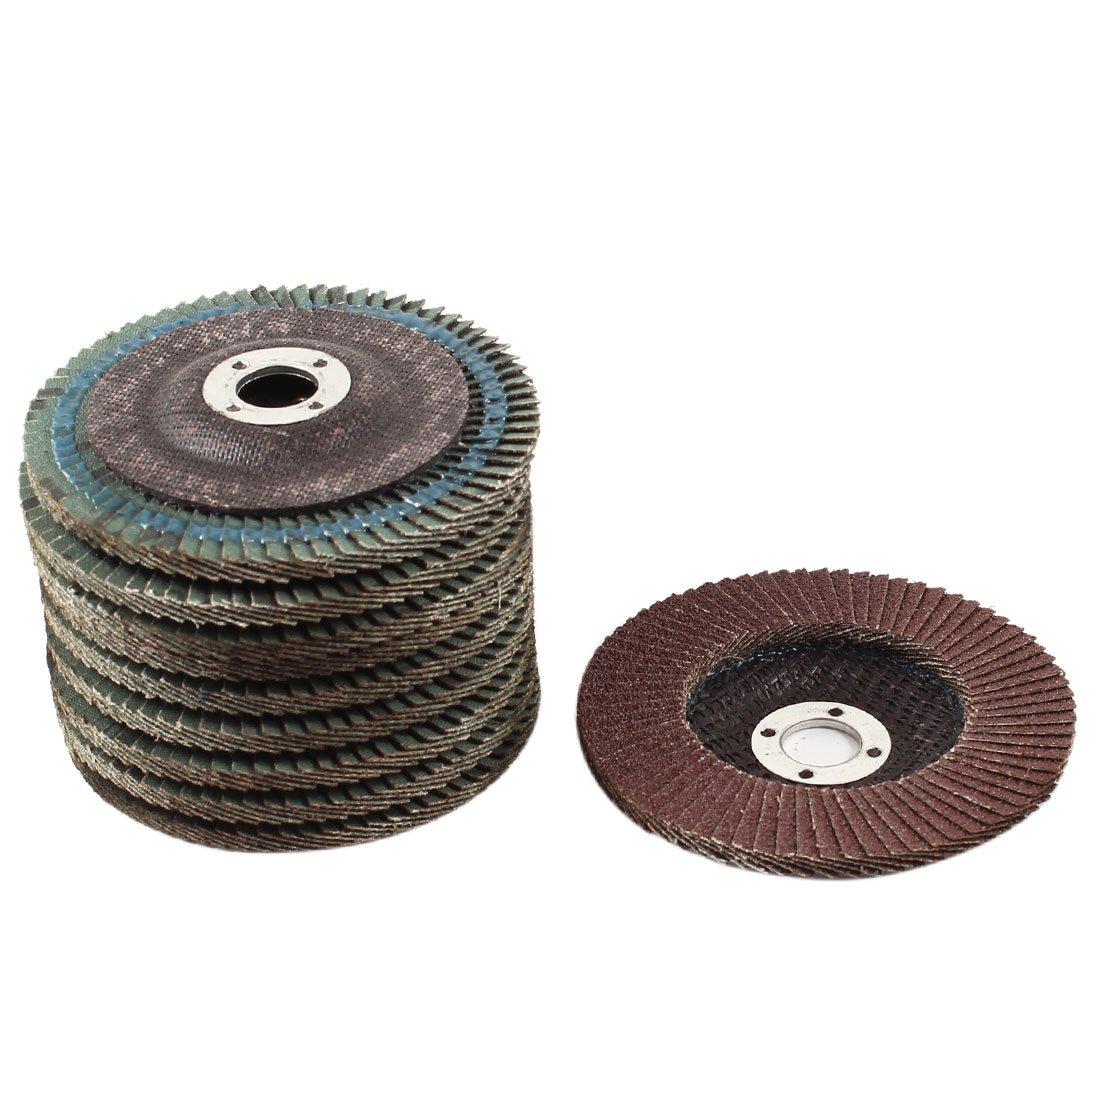 PRICE is per WHEEL 2 in Dia 1//4 in Center Hole 3M Scotch-Brite XL-UW Unitized Aluminum Oxide Medium Deburring Wheel 22100 Max RPM 13755 Coarse Grade Thickness 1//4 in Arbor Attachment